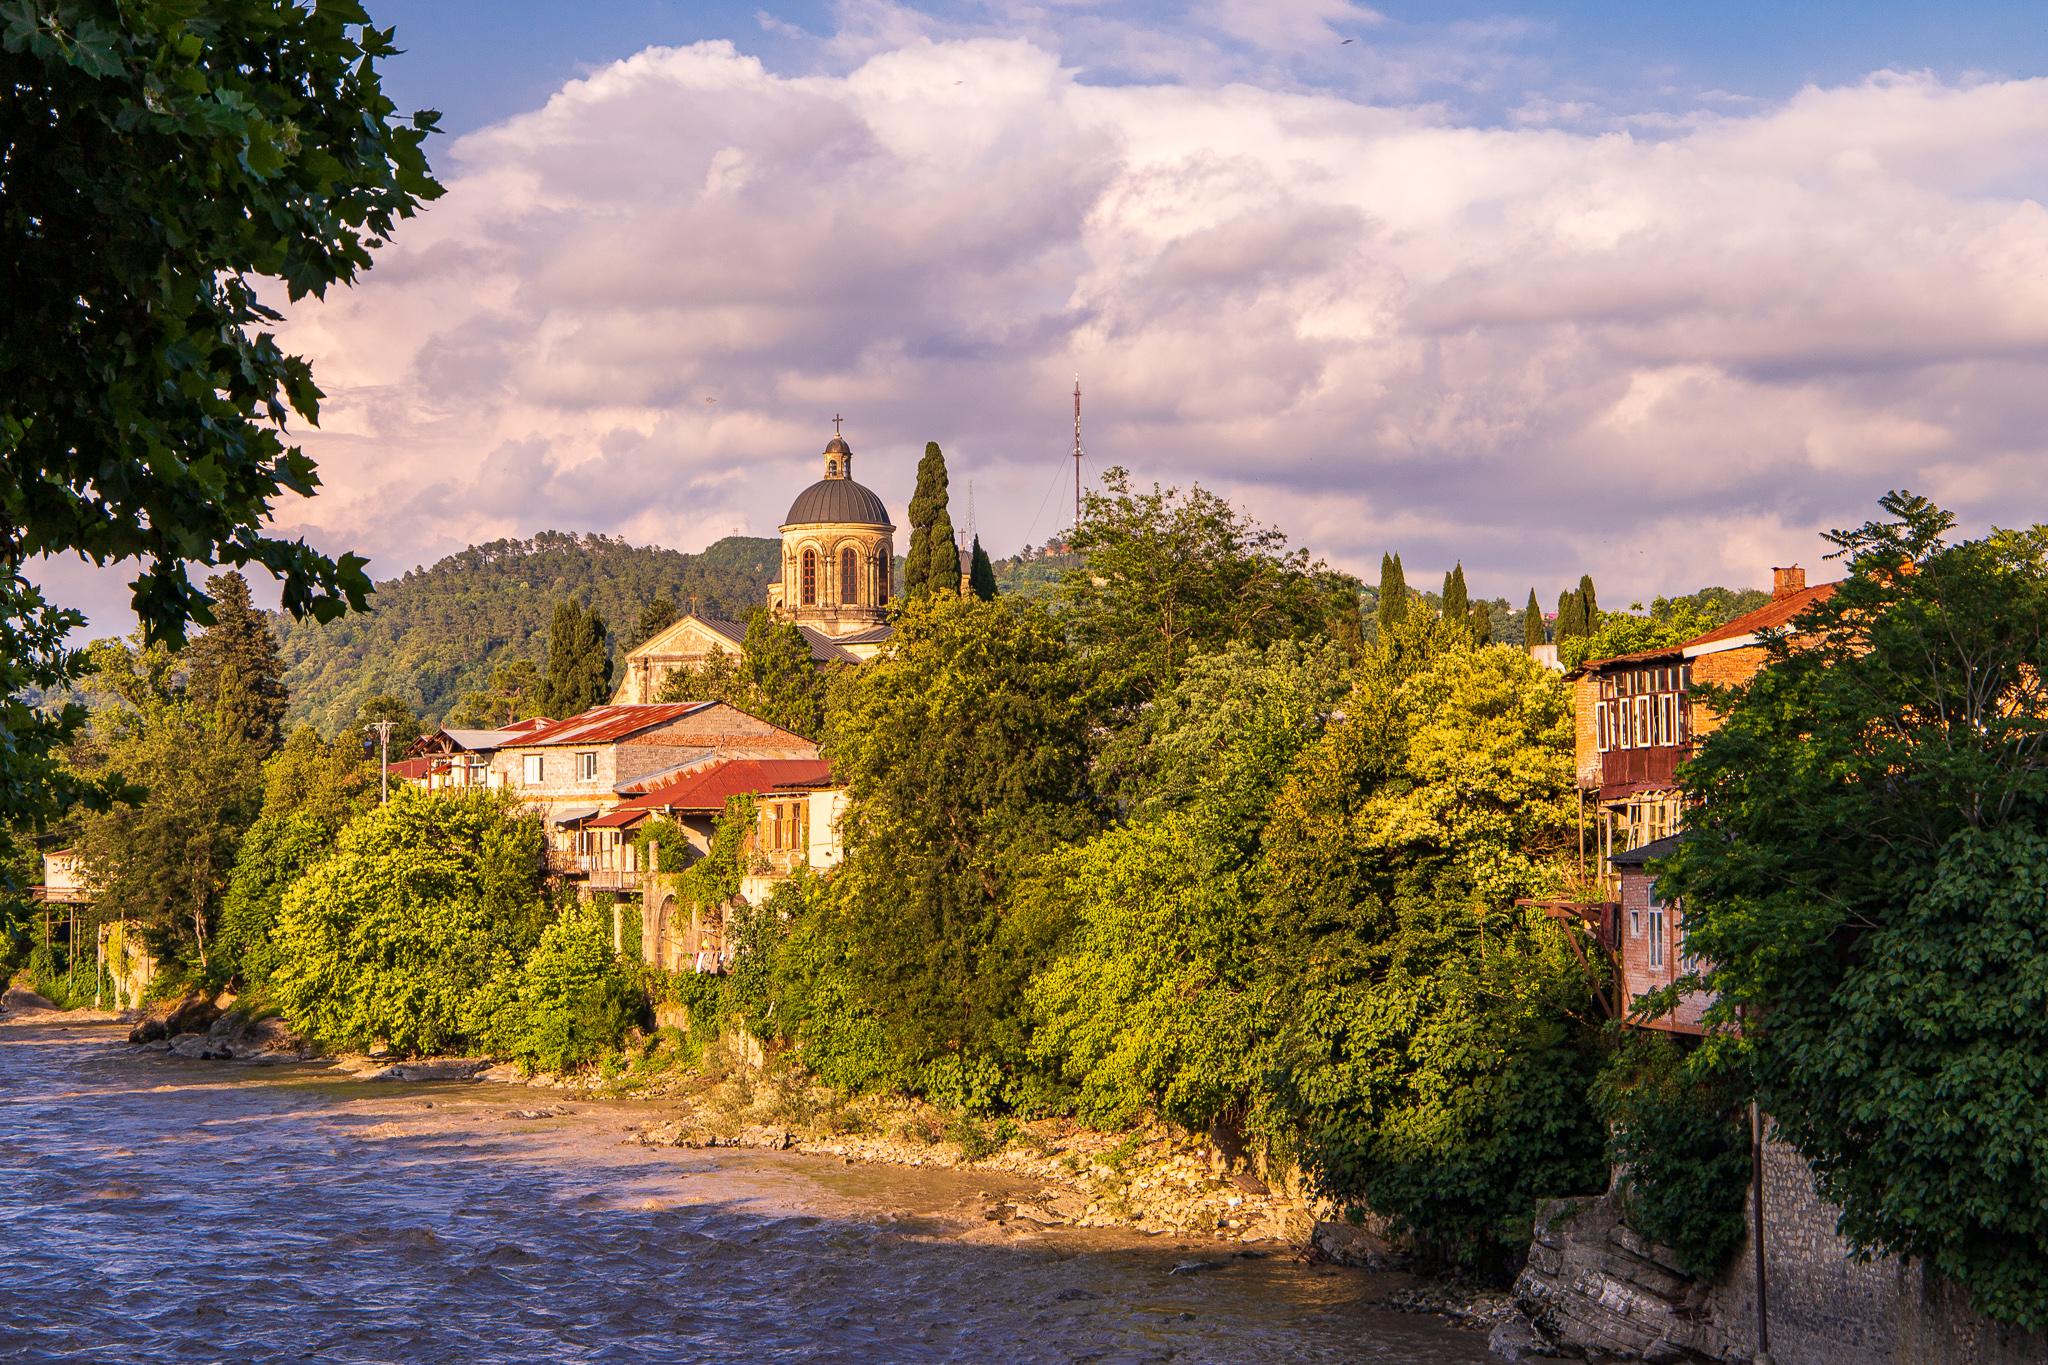 The Rioni River